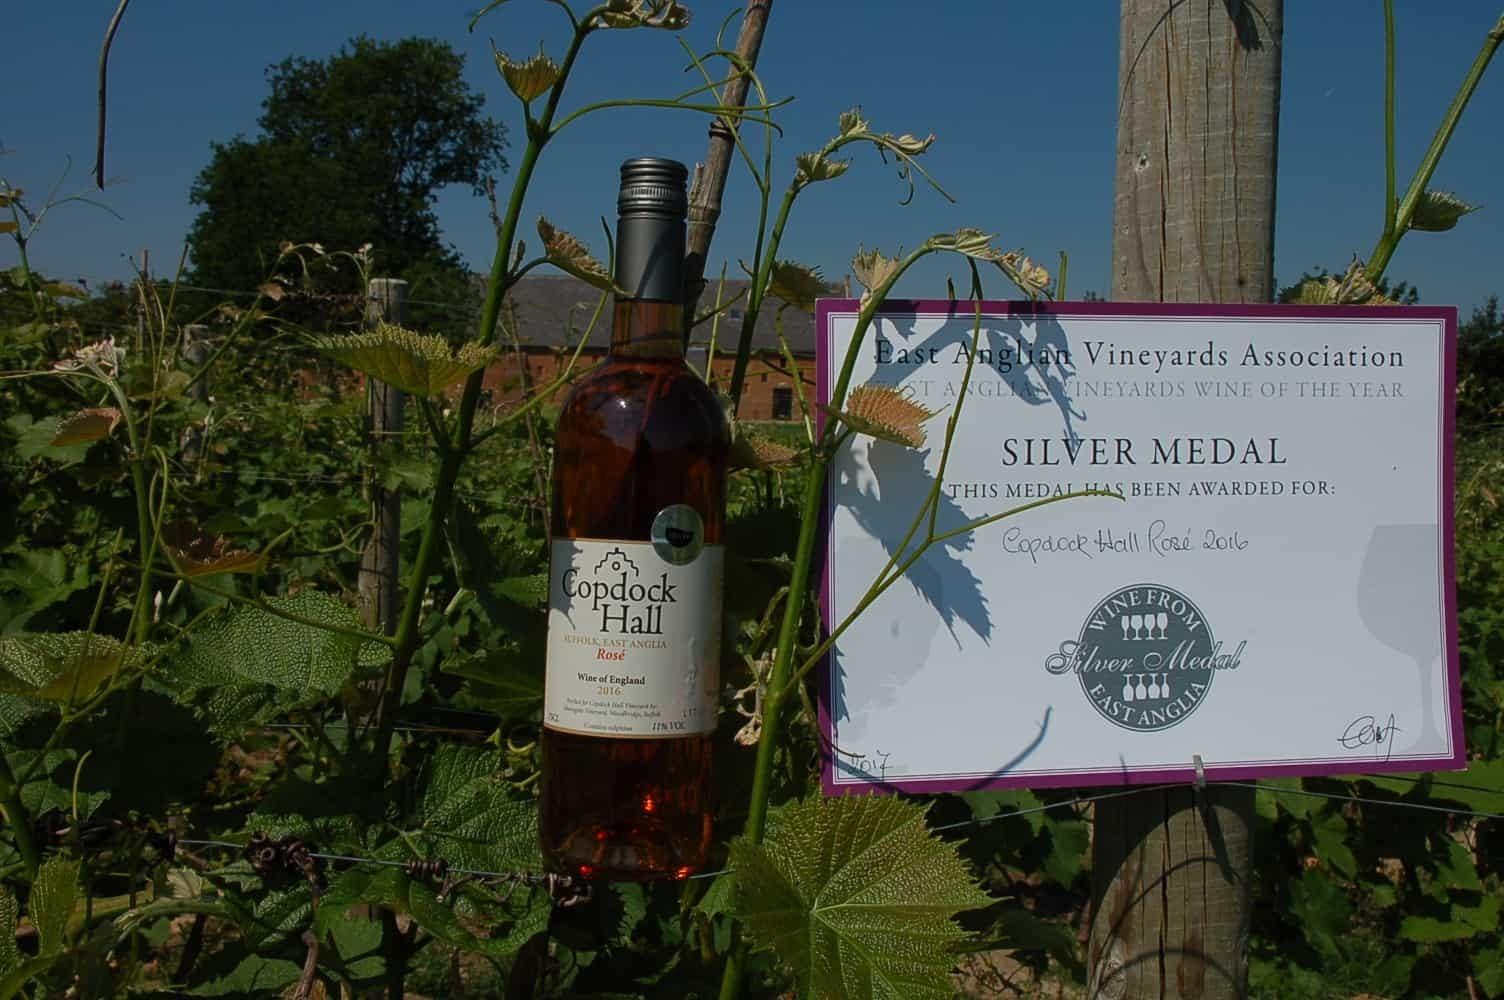 Copdock Hall Vineyard Silver Medal winning rose wine